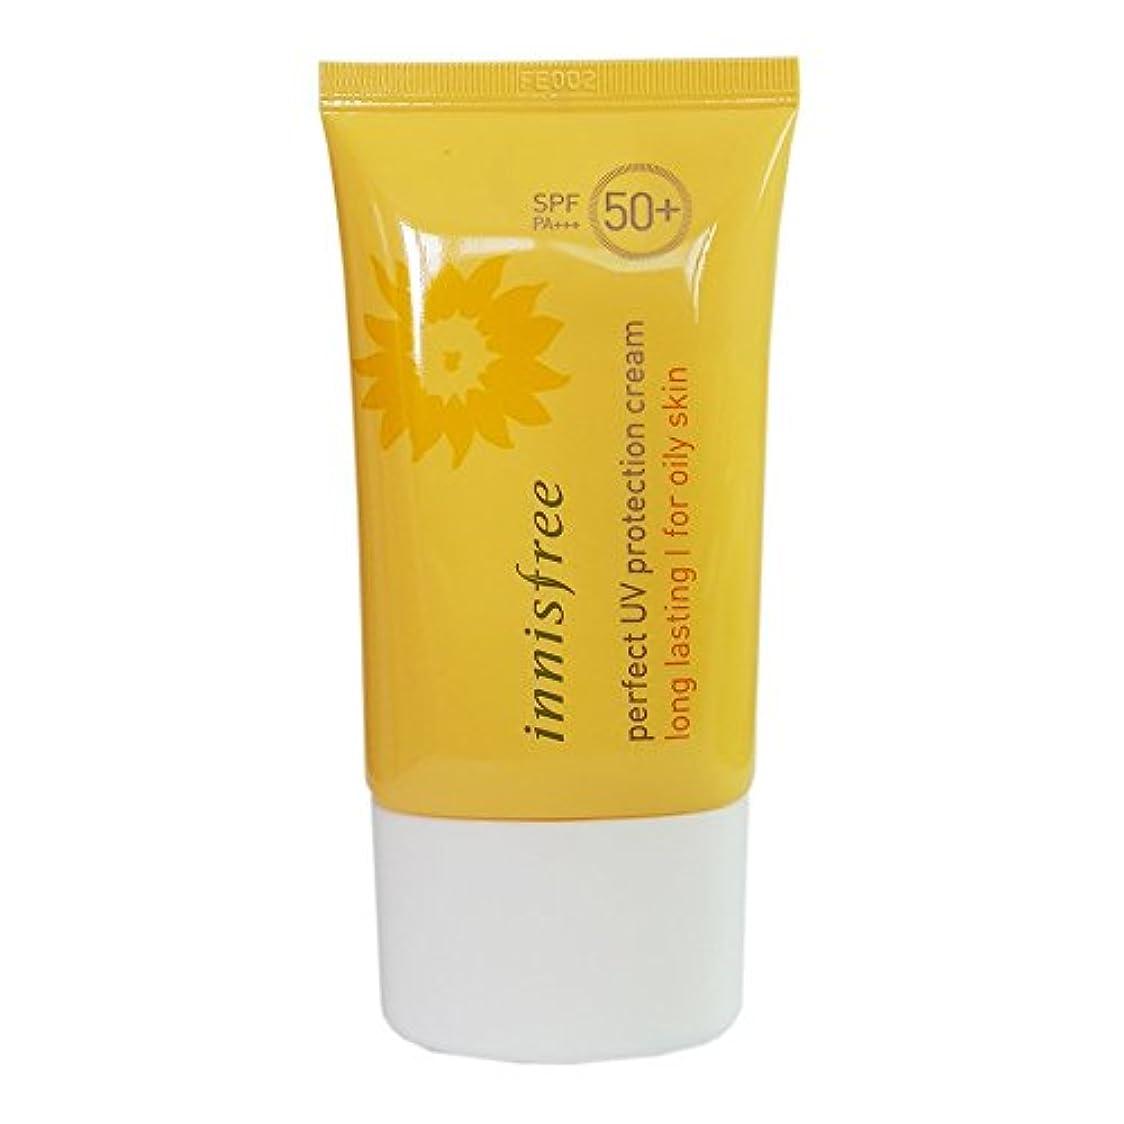 レビュー信じられない好奇心[イニスプリー]Innisfree パーフェクトUVプロテクションクリームロング?ラスティング 脂複合性肌用 SPF50+PA+++ 50ml Innisfree Perfect UV Protection Cream...